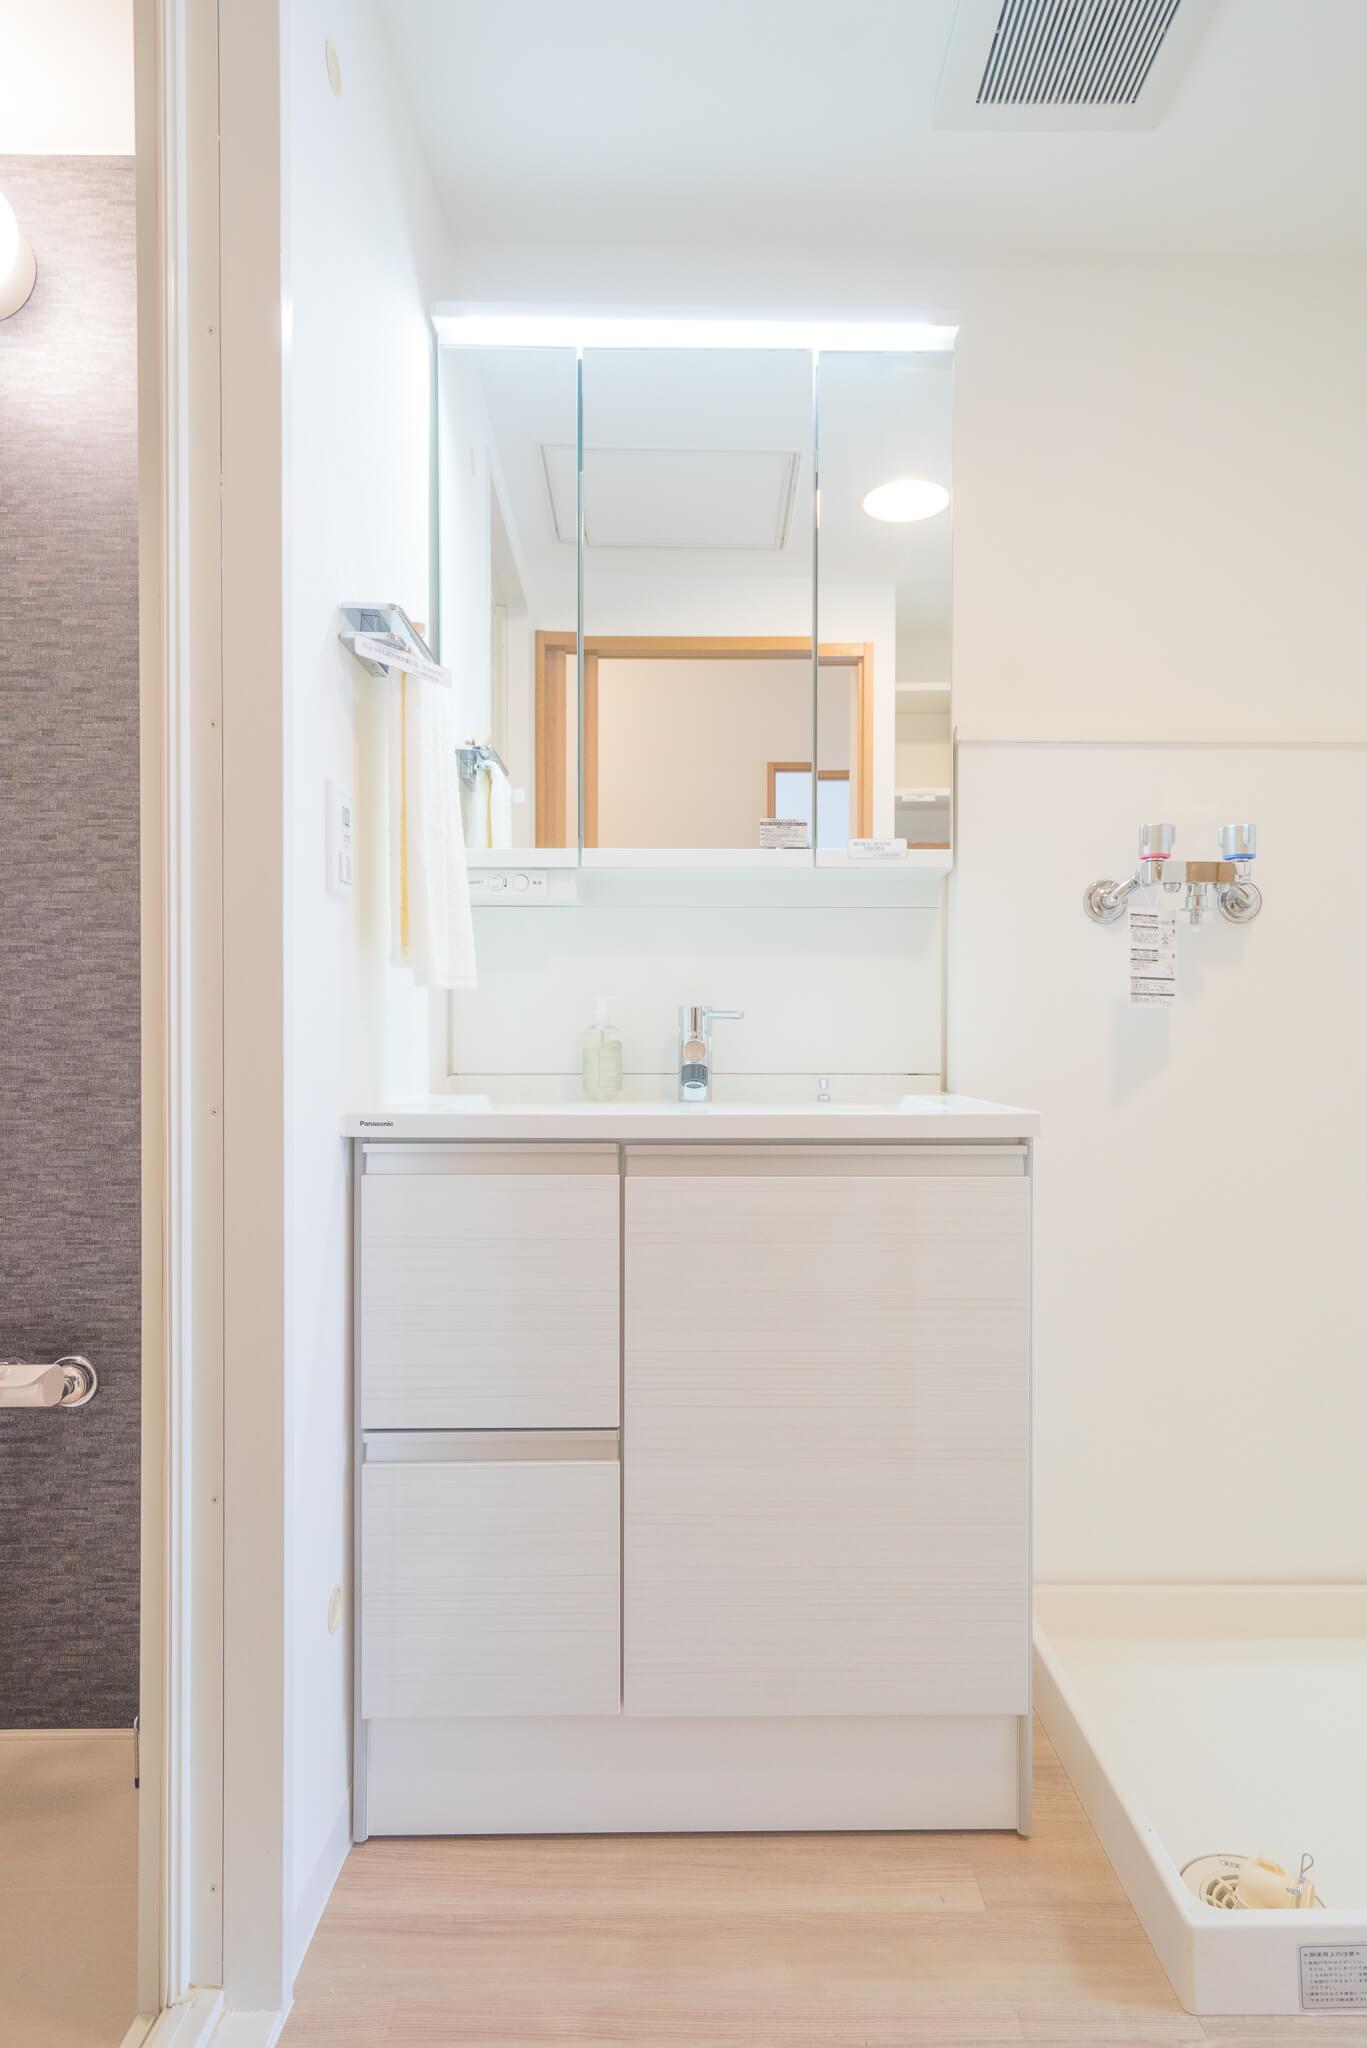 シンプルなデザインが嬉しい洗面台は、タオル掛けの上に小物が置けるように考えられていたり、鏡の裏が大容量の収納になっていたり、機能面も十分。